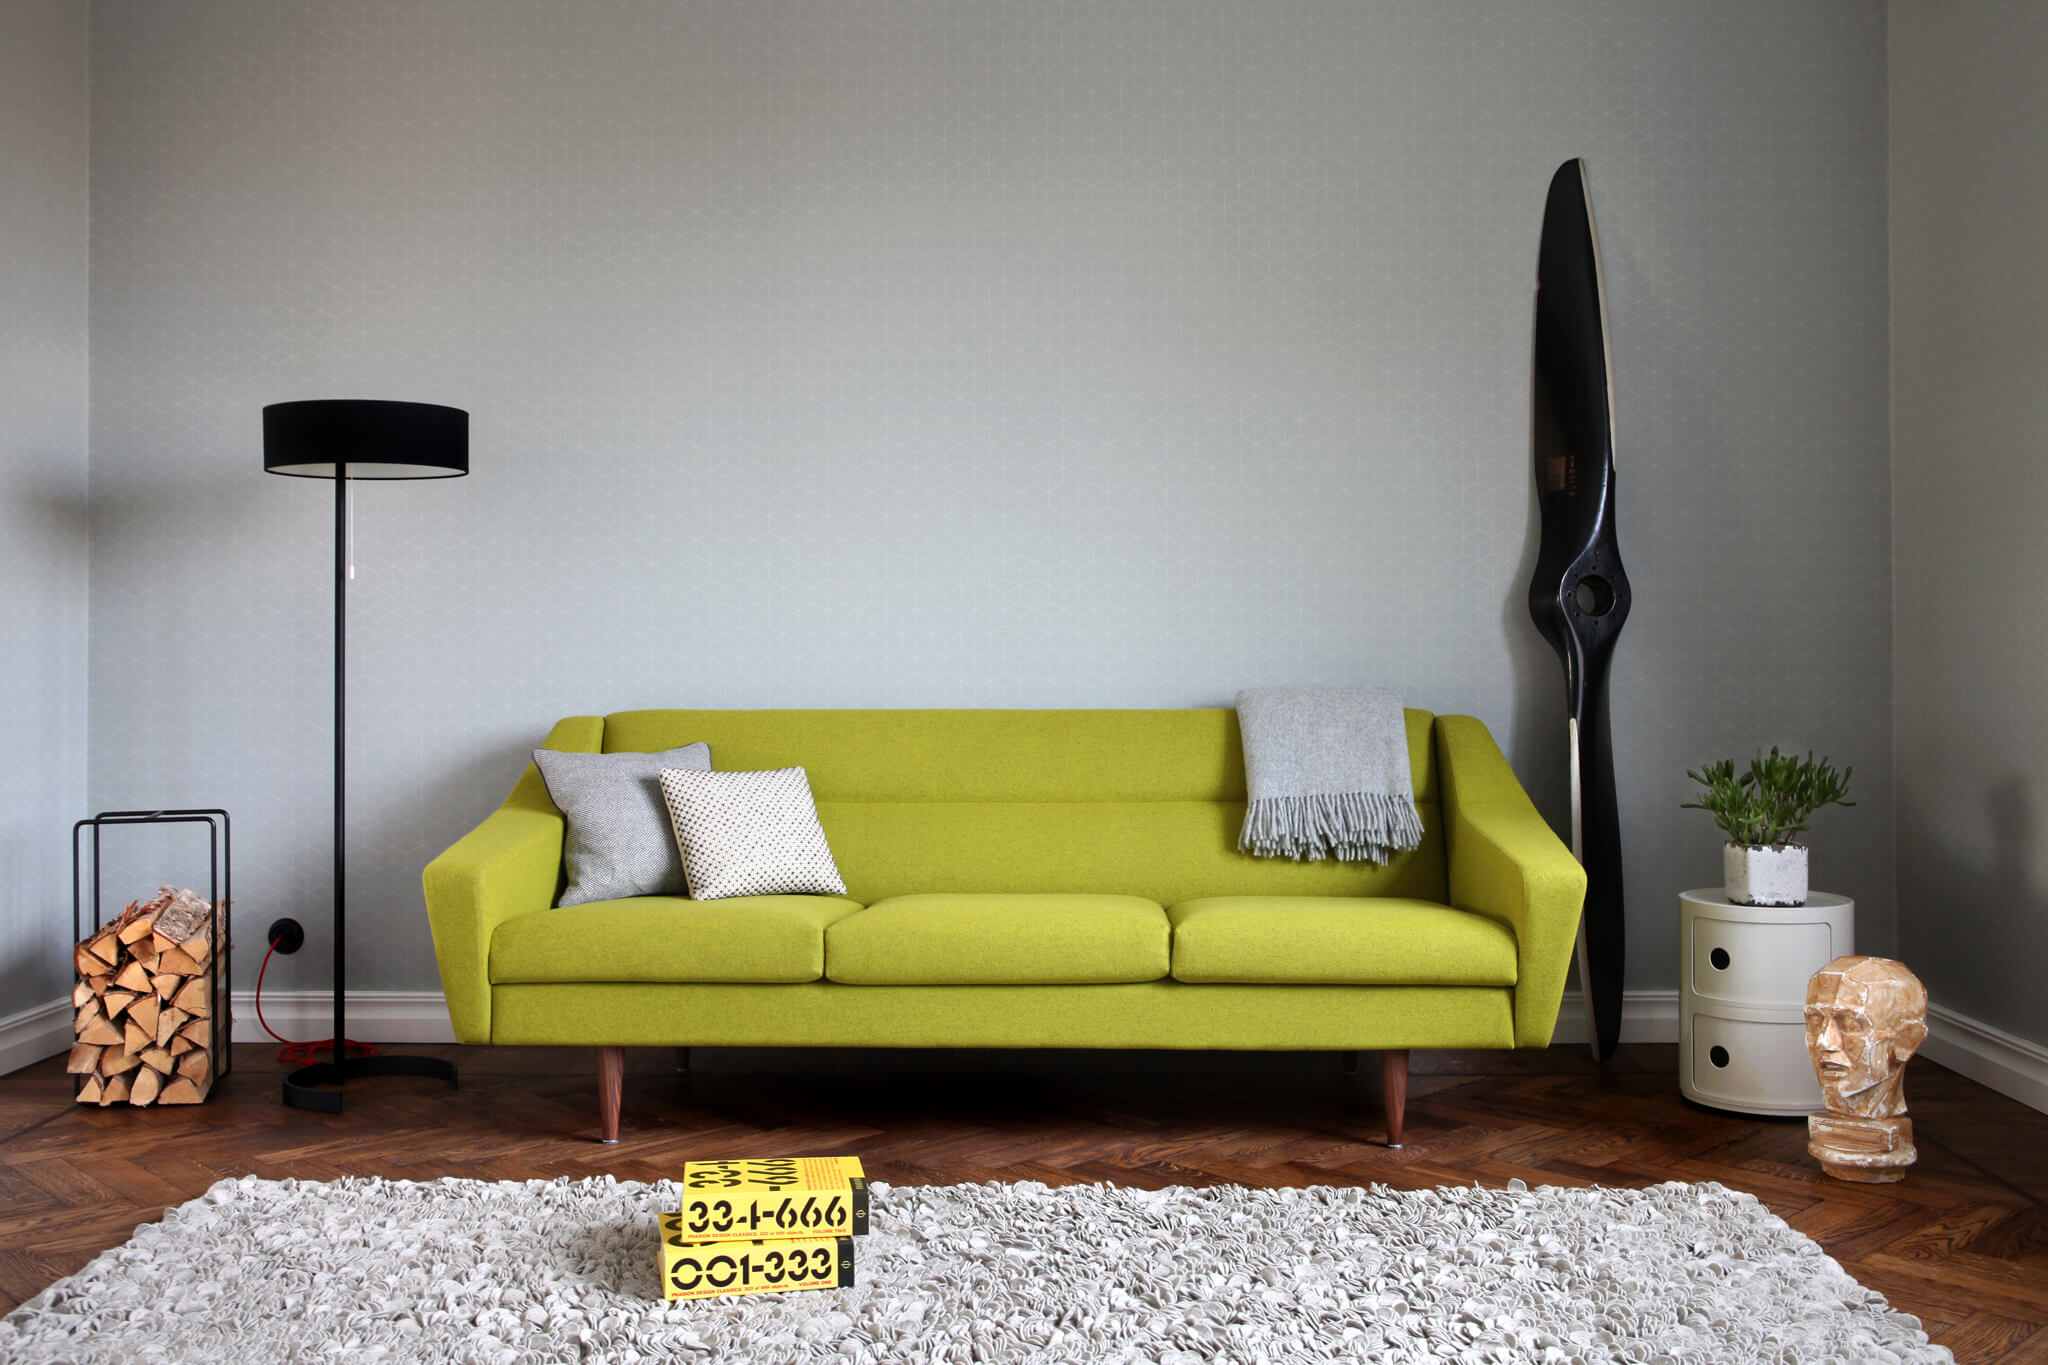 sofa_cosmo_2048